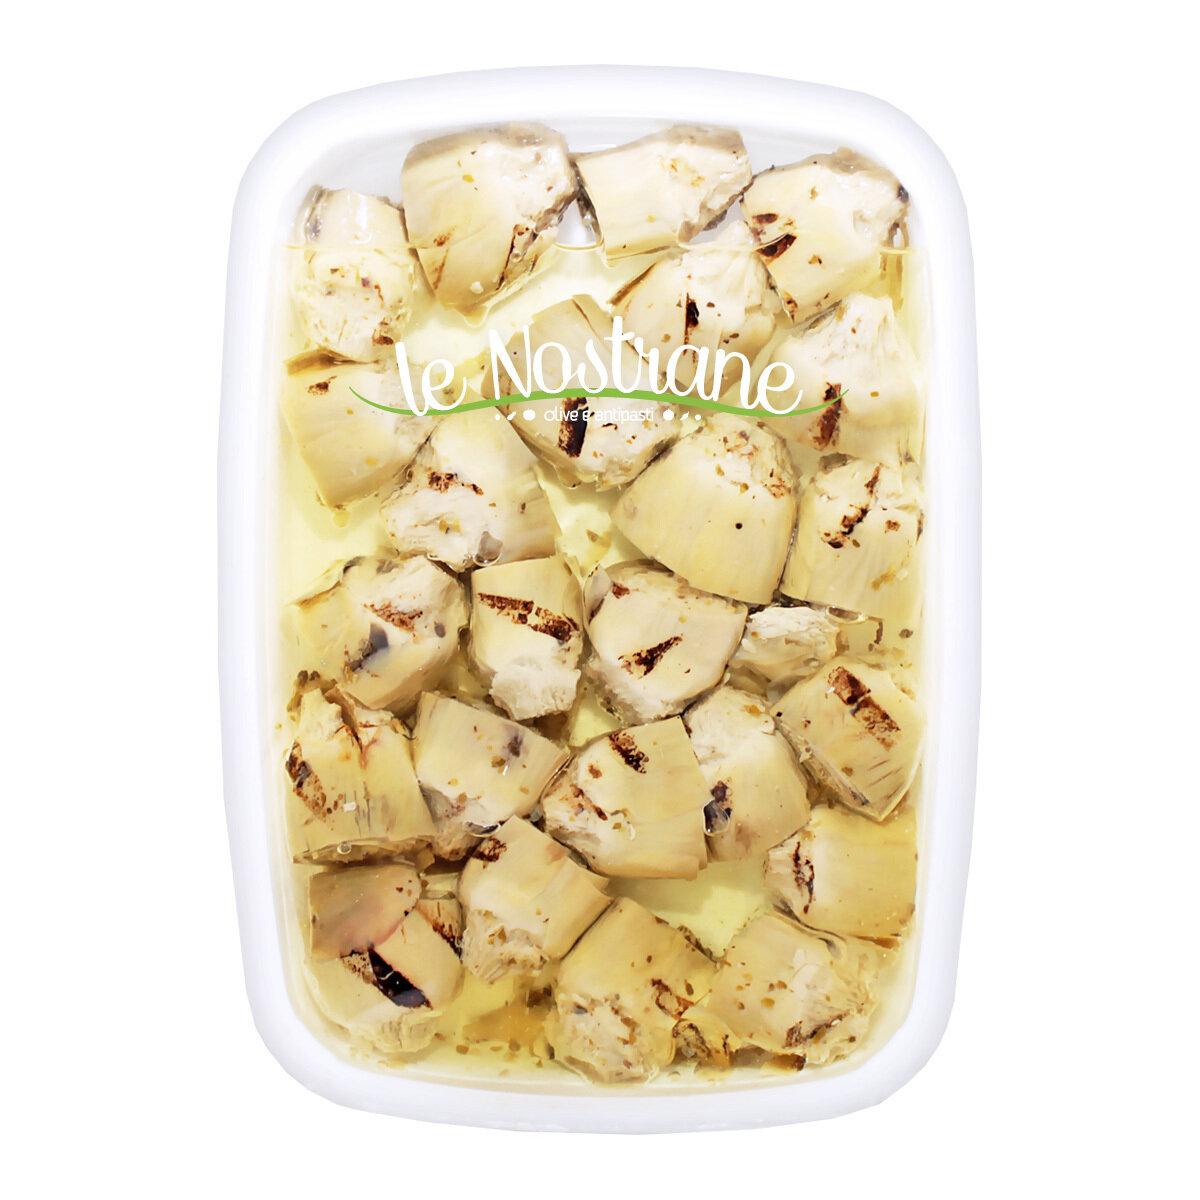 Grillatut Artisokan Sydämet Öljyssä | Grilled Artichoke Hearts In Oil | LE NOSTRANEN | 1 KG